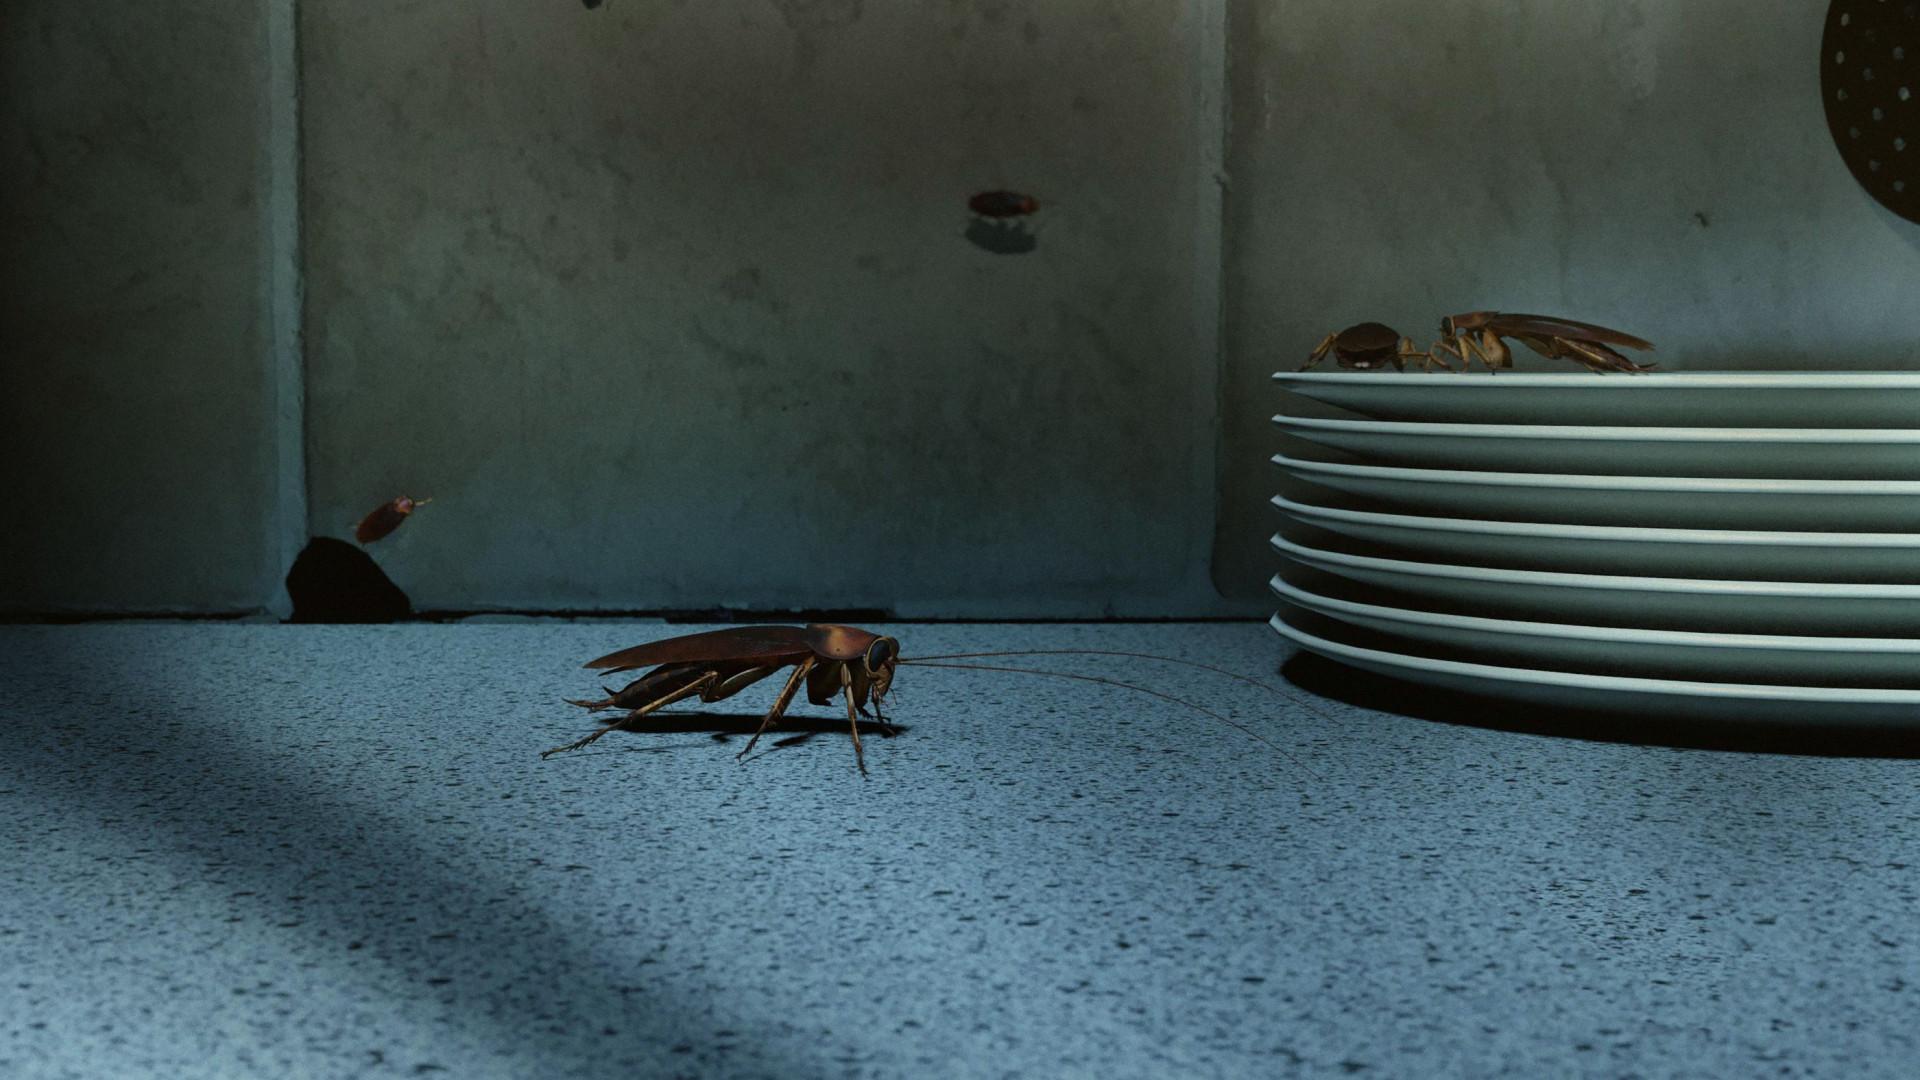 Sintomas de tosse e gripe podem dever-se a infestação de baratas. Leu bem